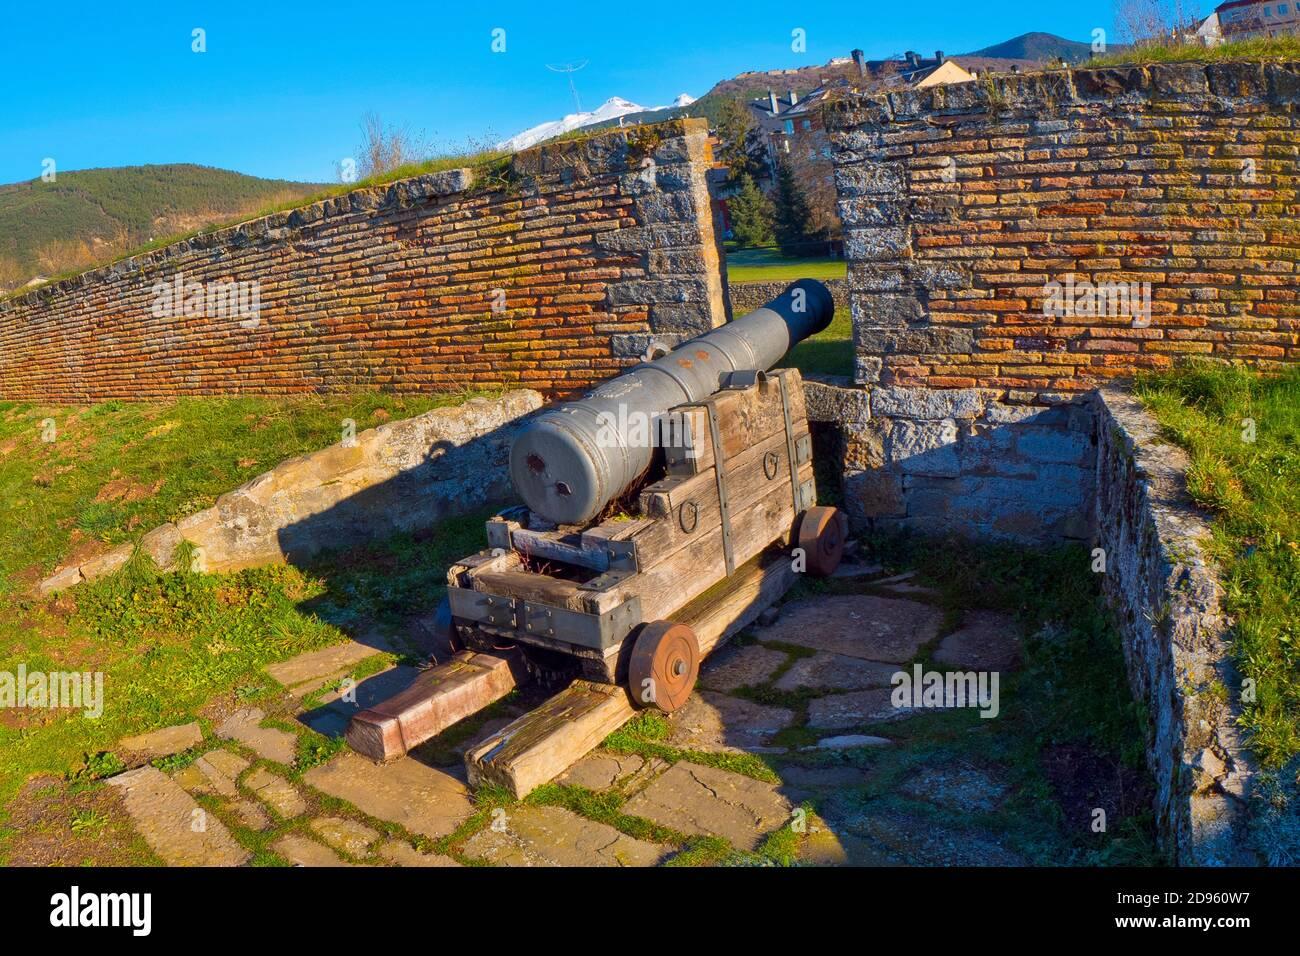 Castillo De San Pedro, Ciudadela De Jaca, Castillo De San Pedro, Ciudadela De Jaca, Fortaleza Del Siglo Xvi, Patrimonio Nacional De España, Español Foto de stock